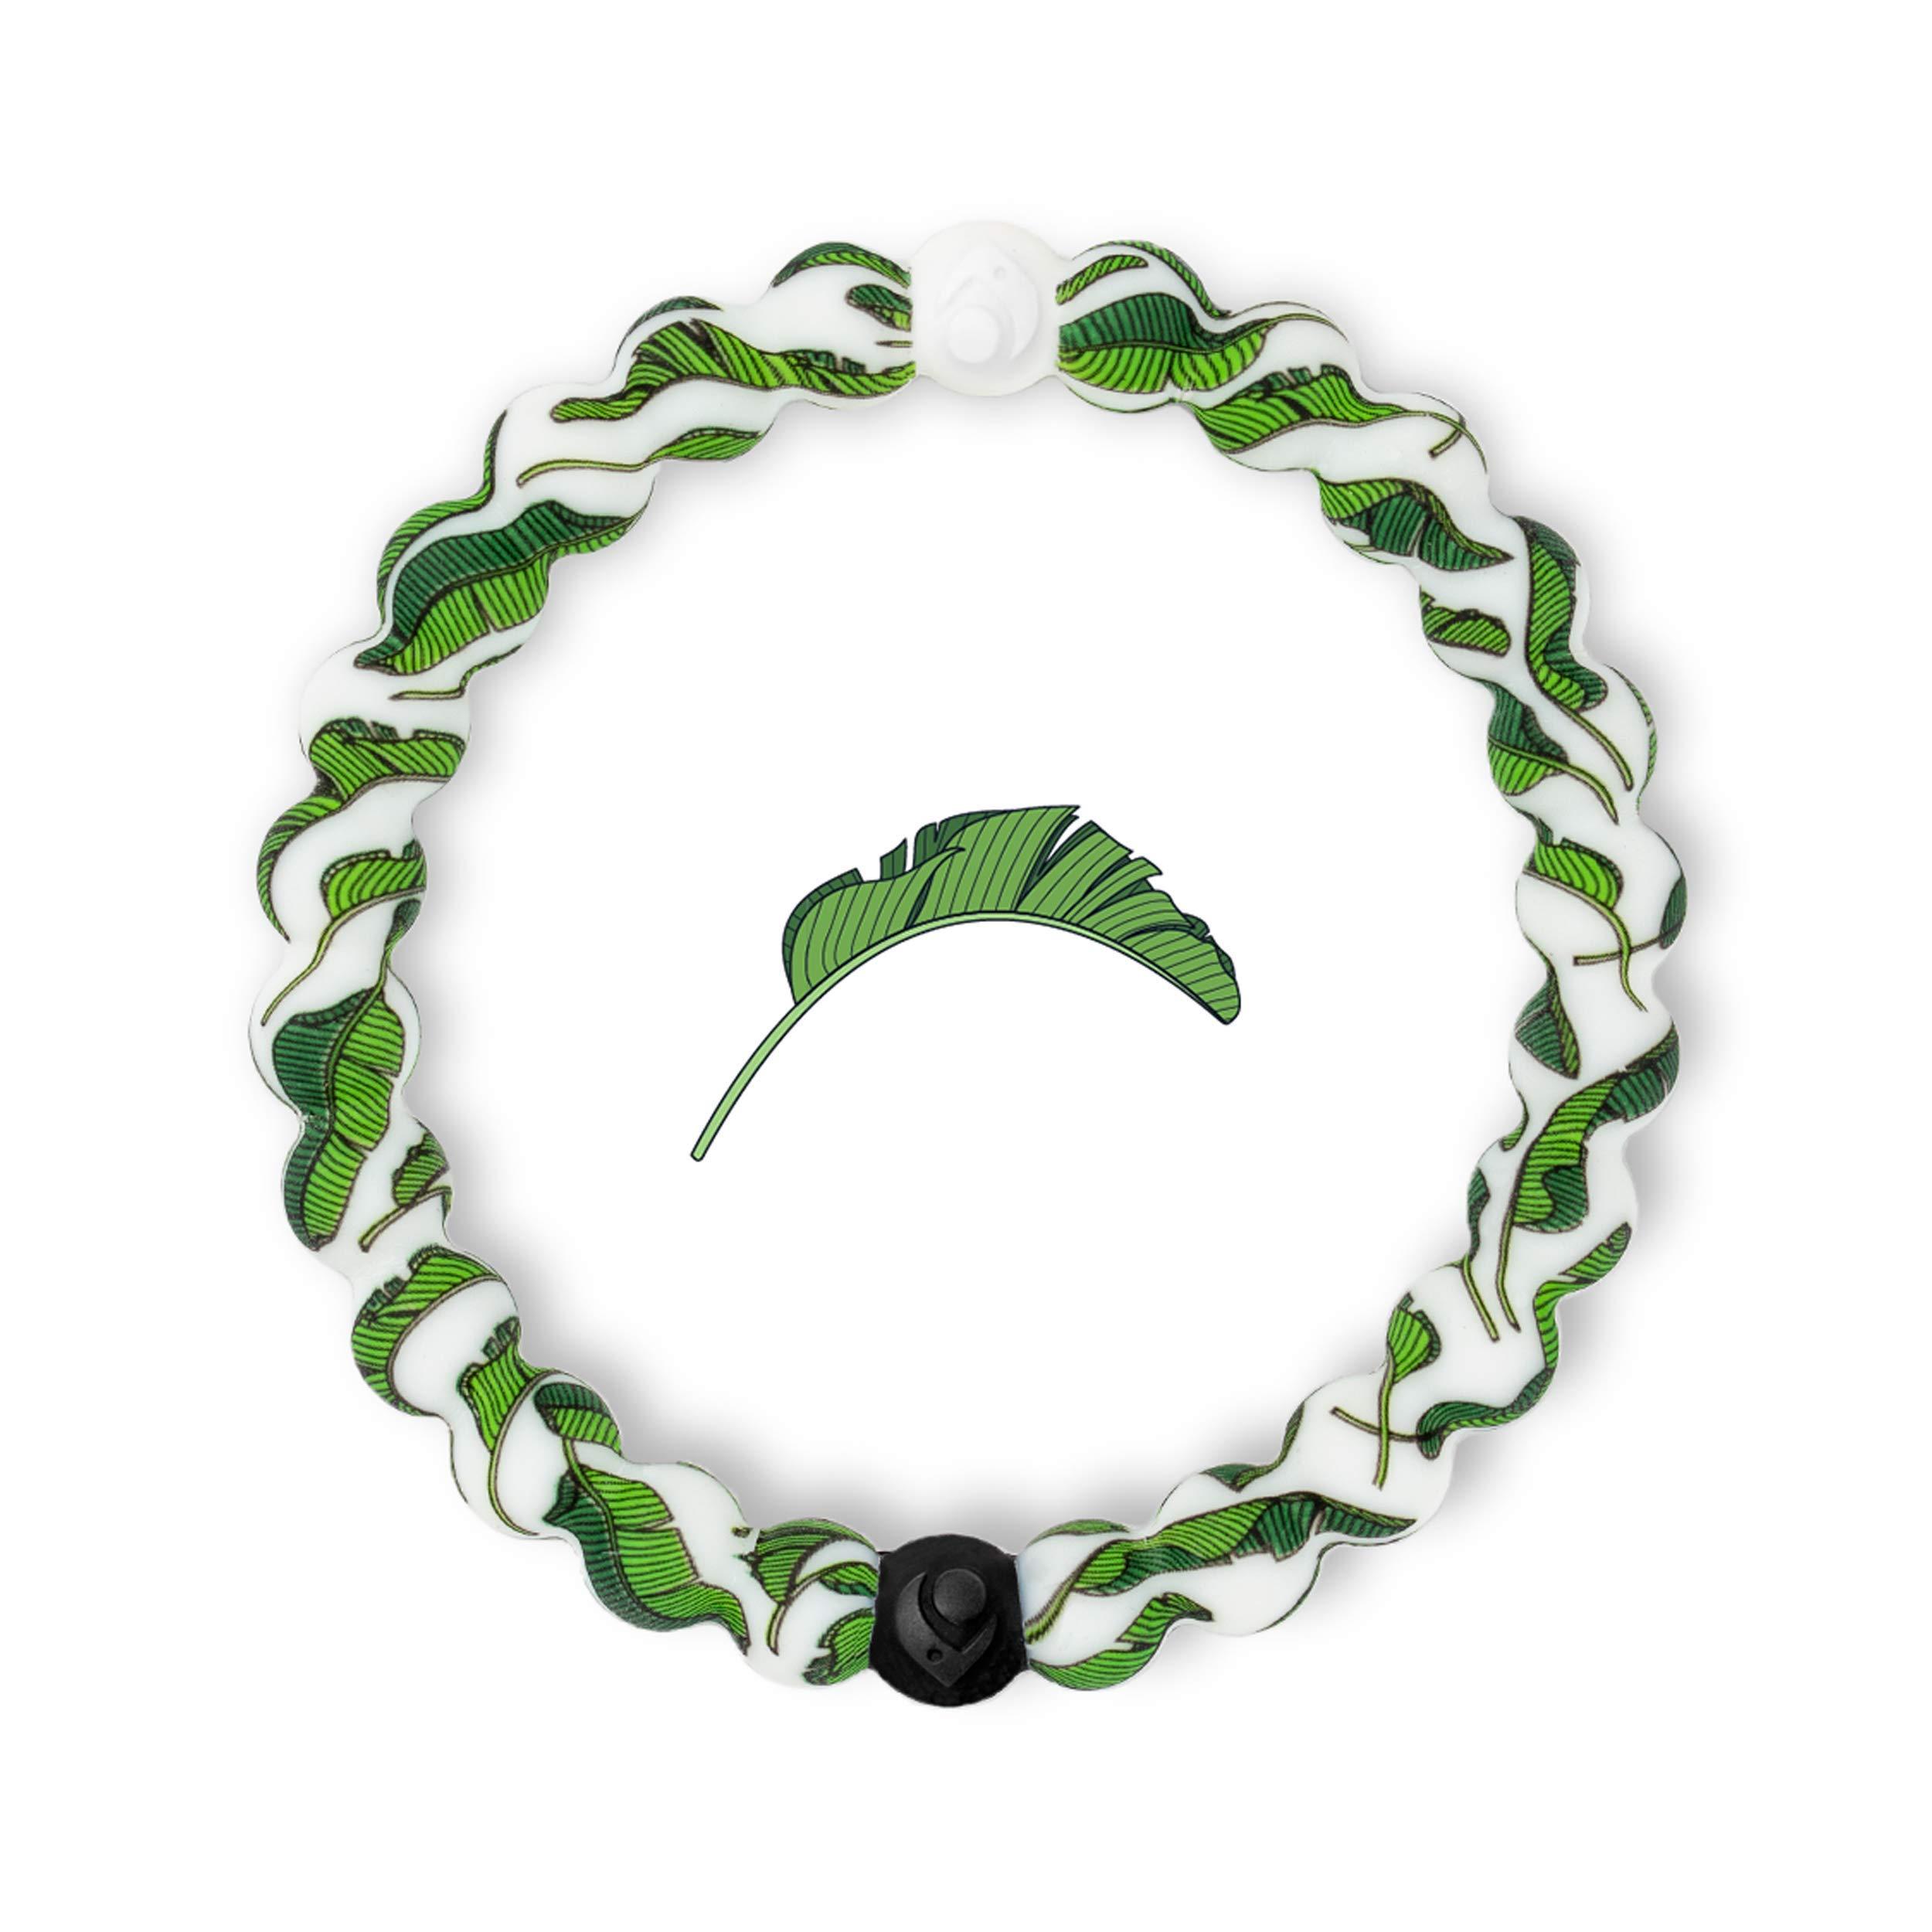 Lokai Banana Leaf Cause Collection Bracelet, Medium by Lokai